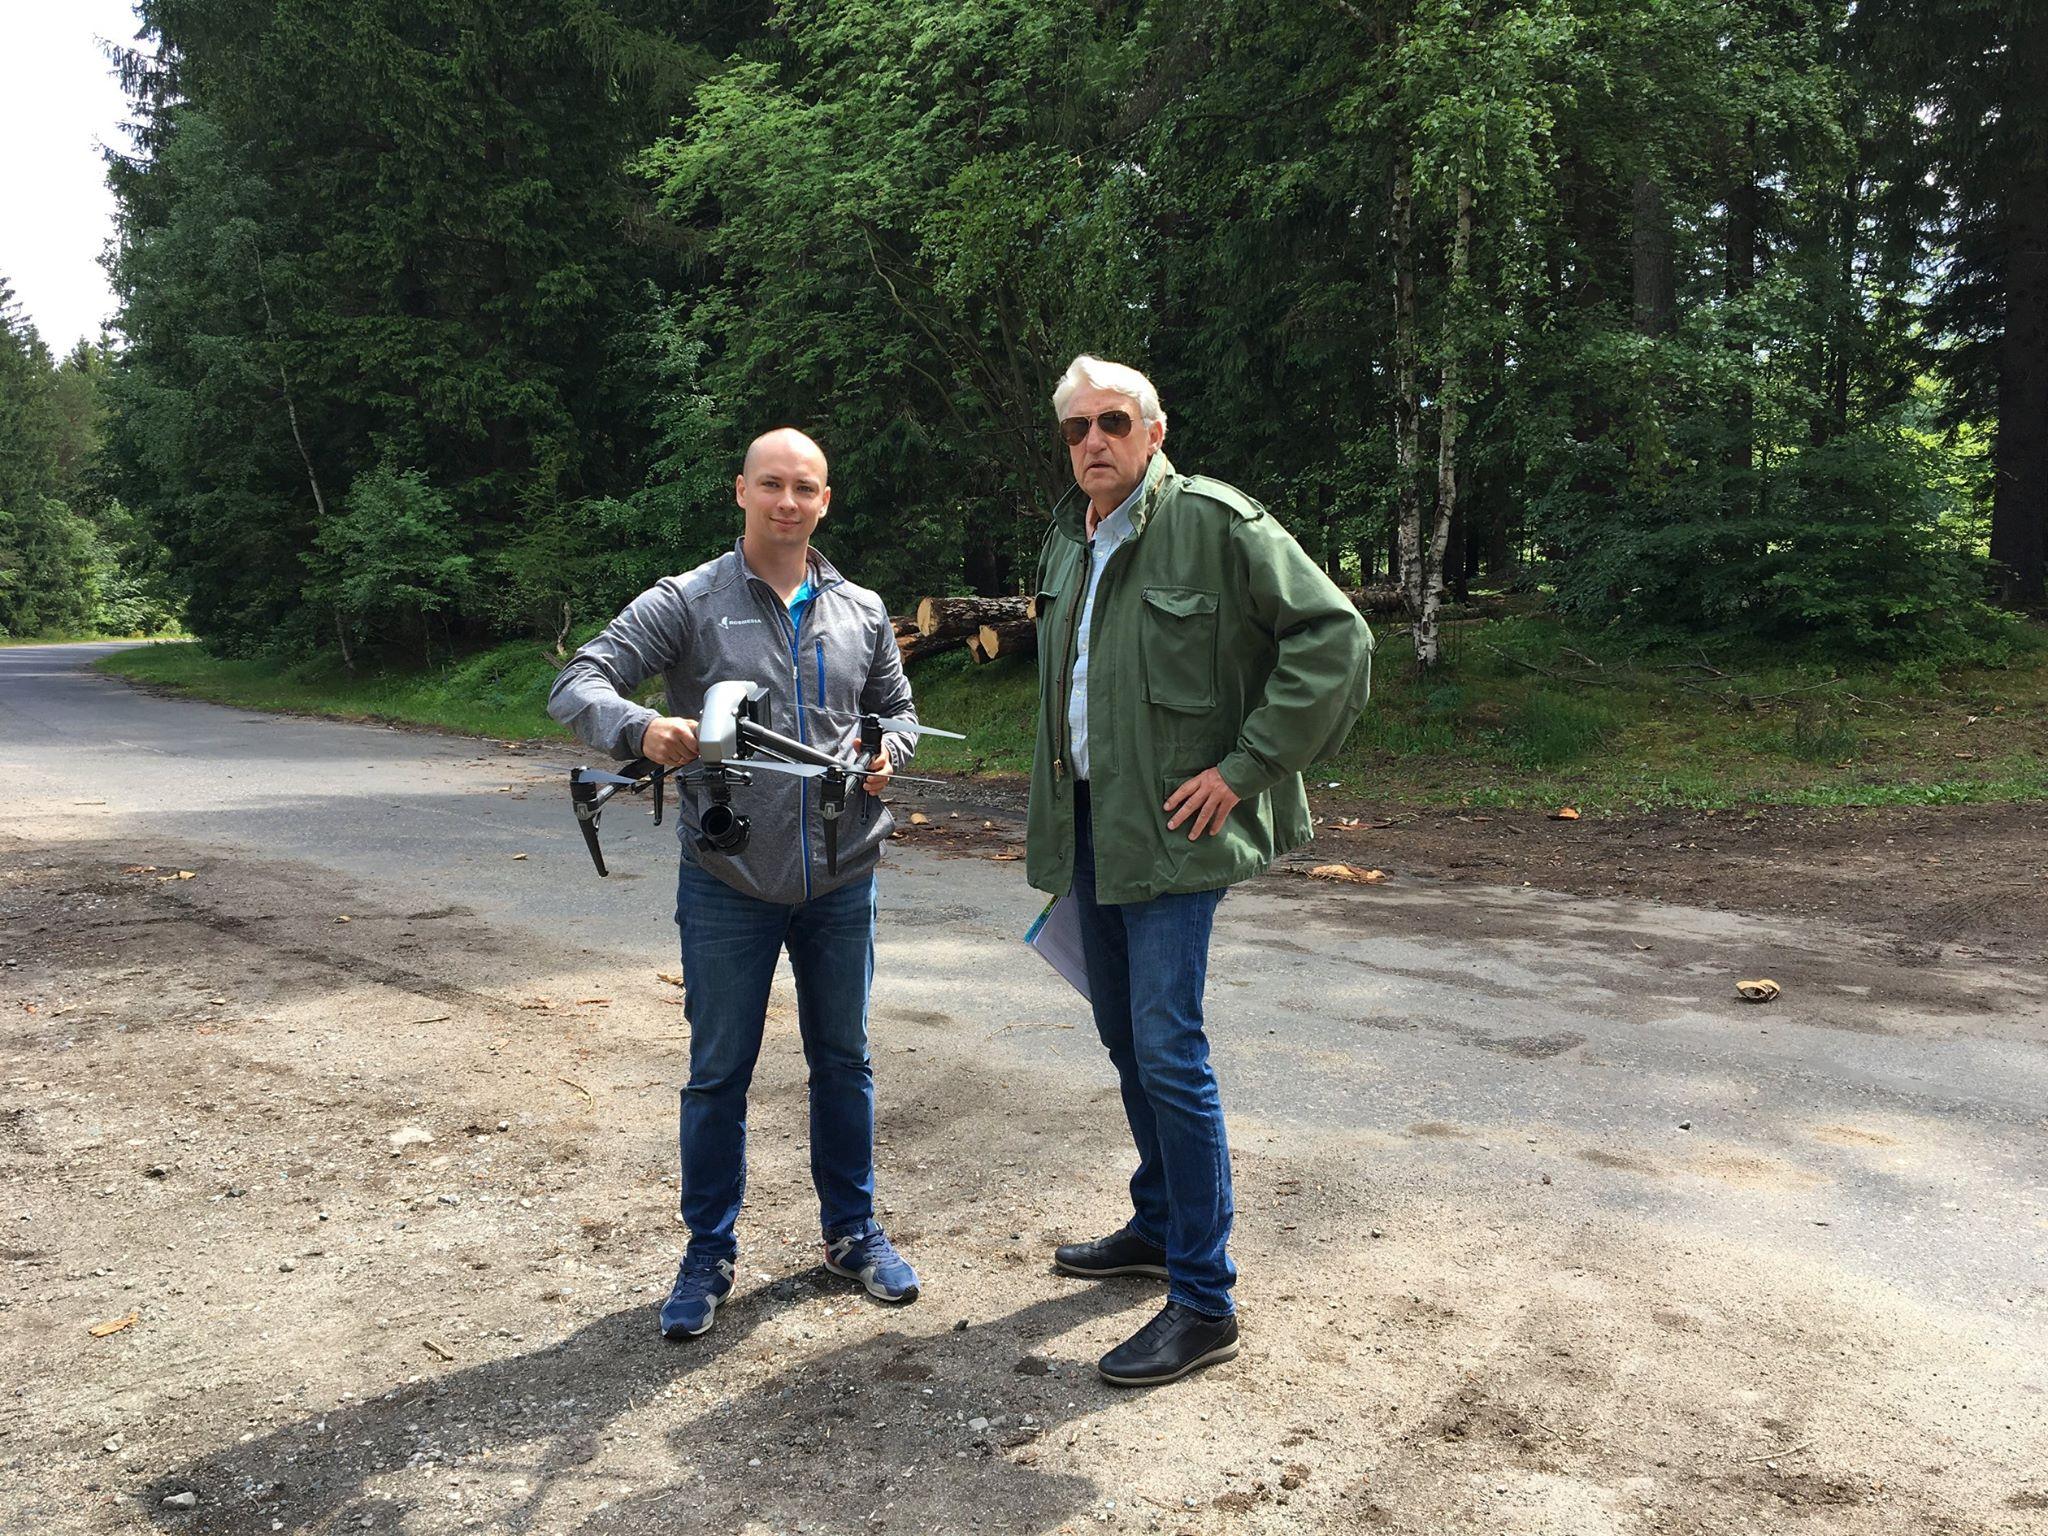 filmowanie_dronem_boguslaw_woloszanski